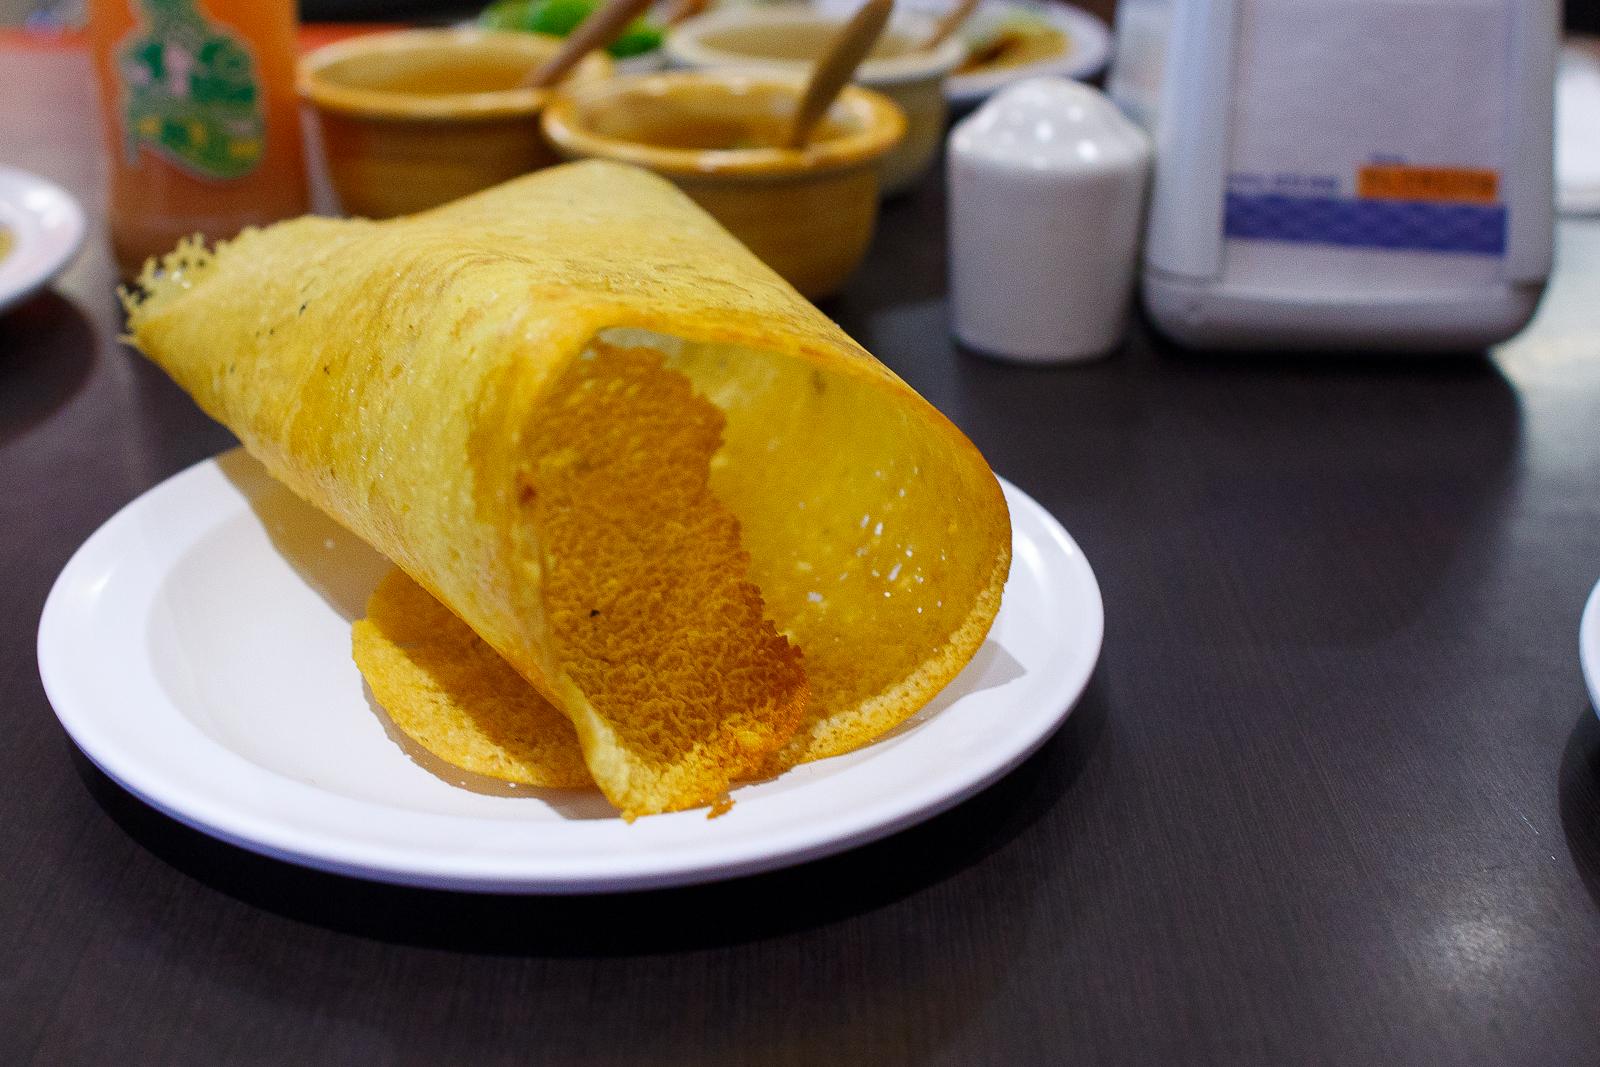 Chicharrón de queso (fried cheese)